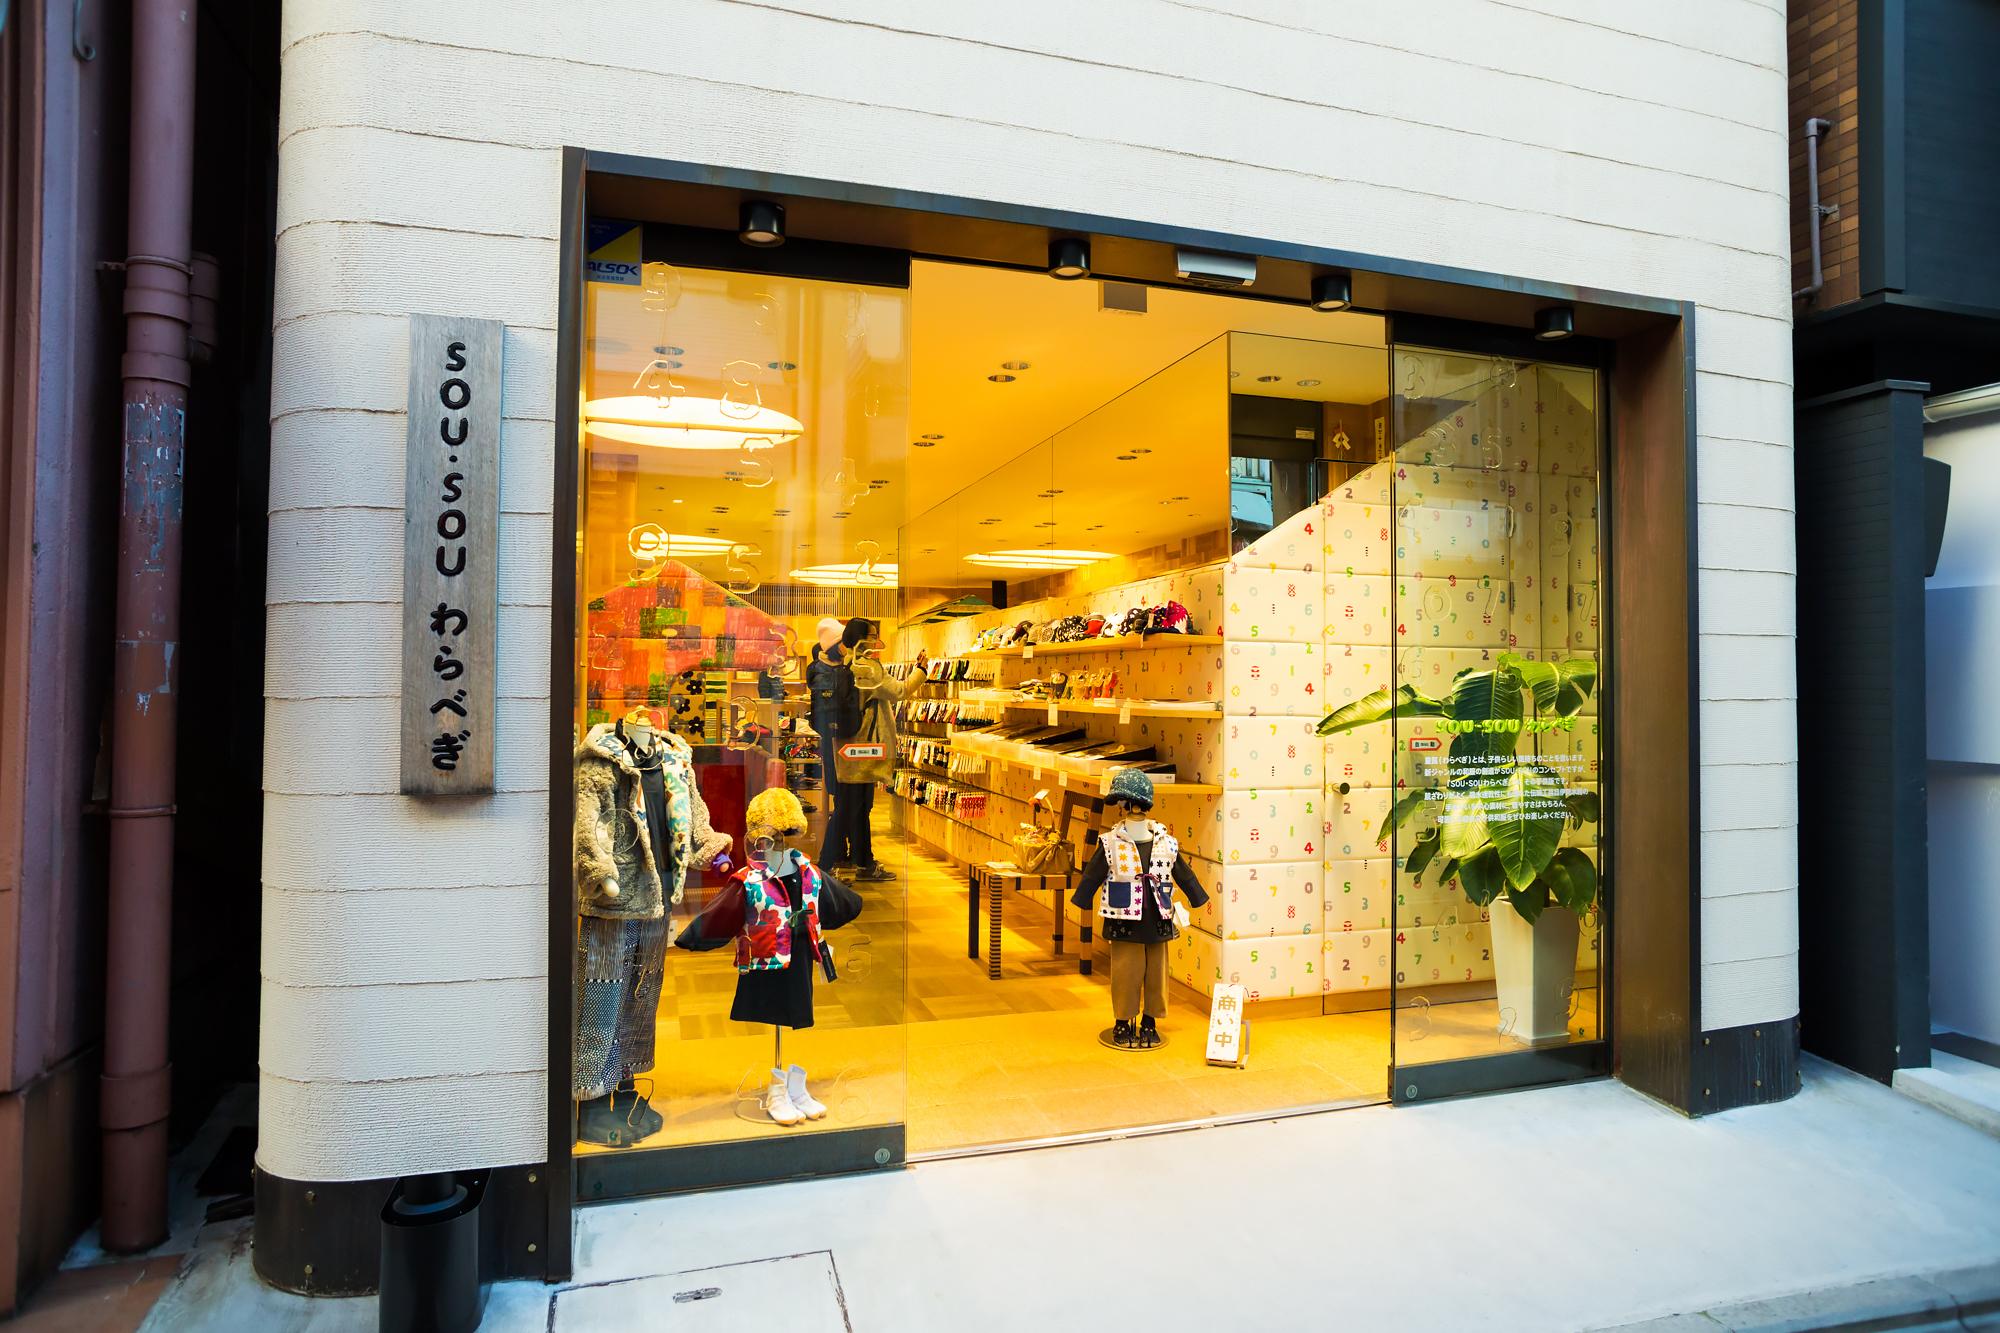 京都のテキスタイル雑貨、和服のSOU・SOU(ソウソウ)